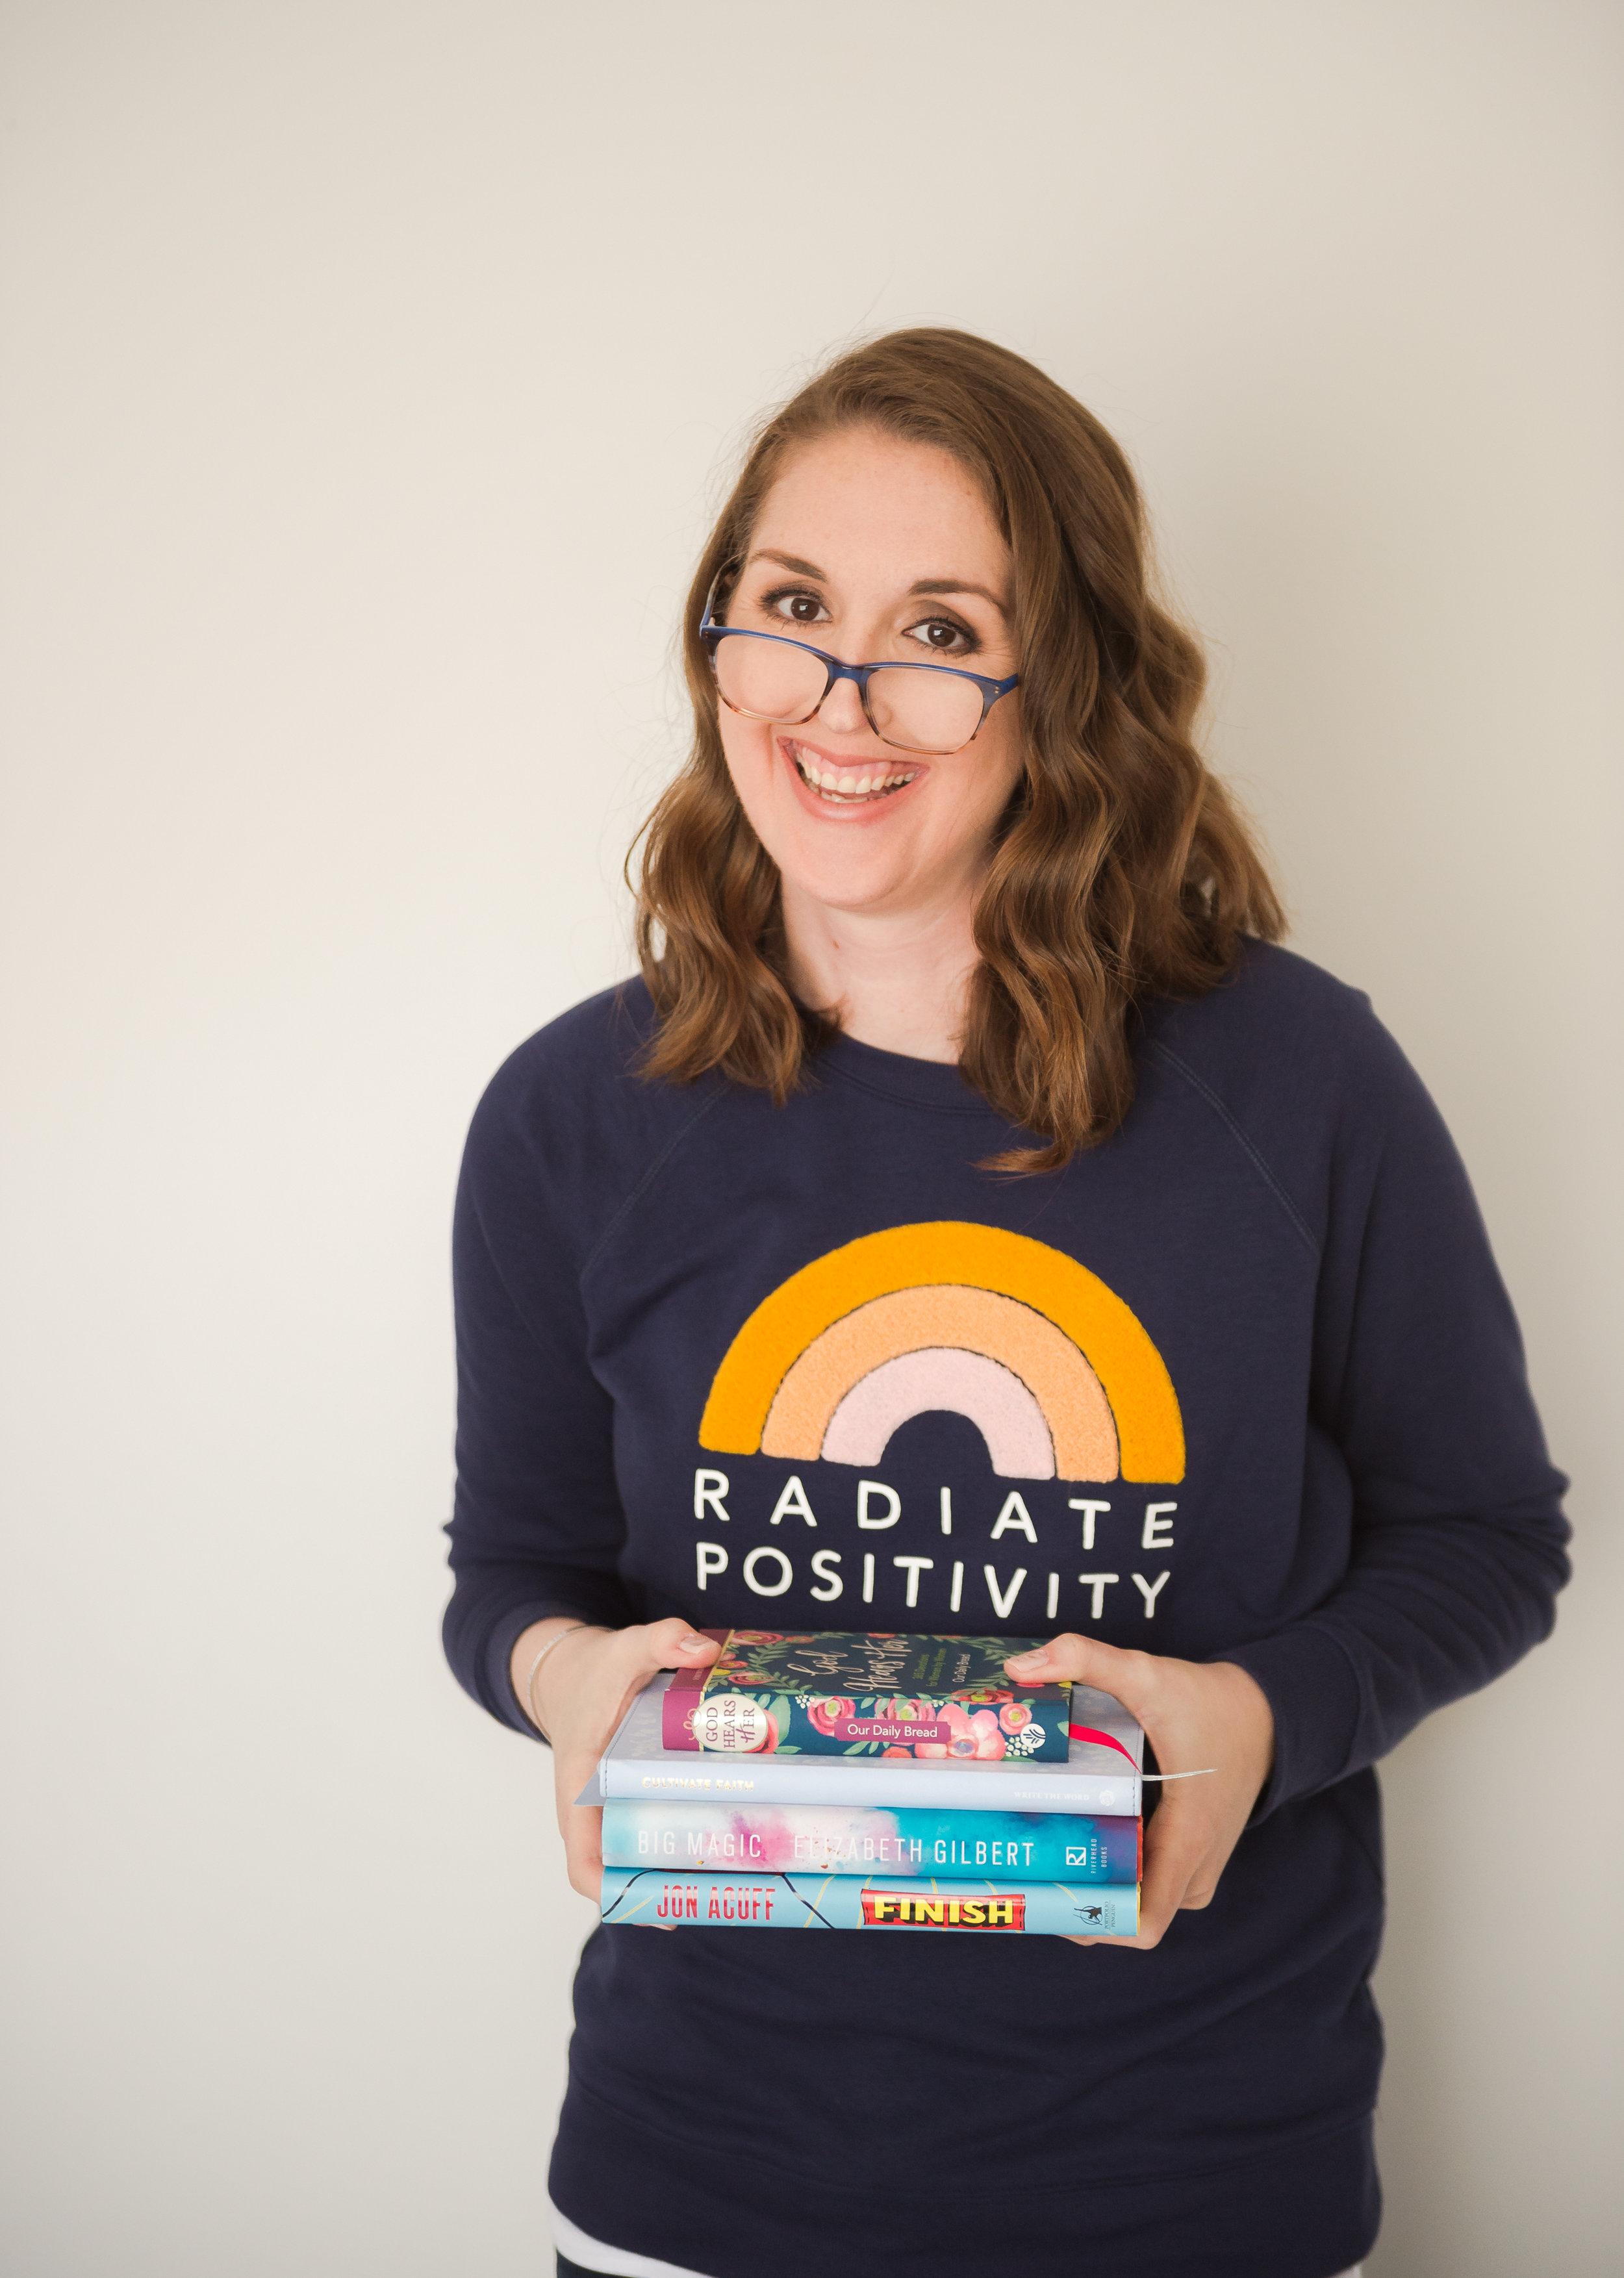 - Happy Reading, friends!Best,Erin